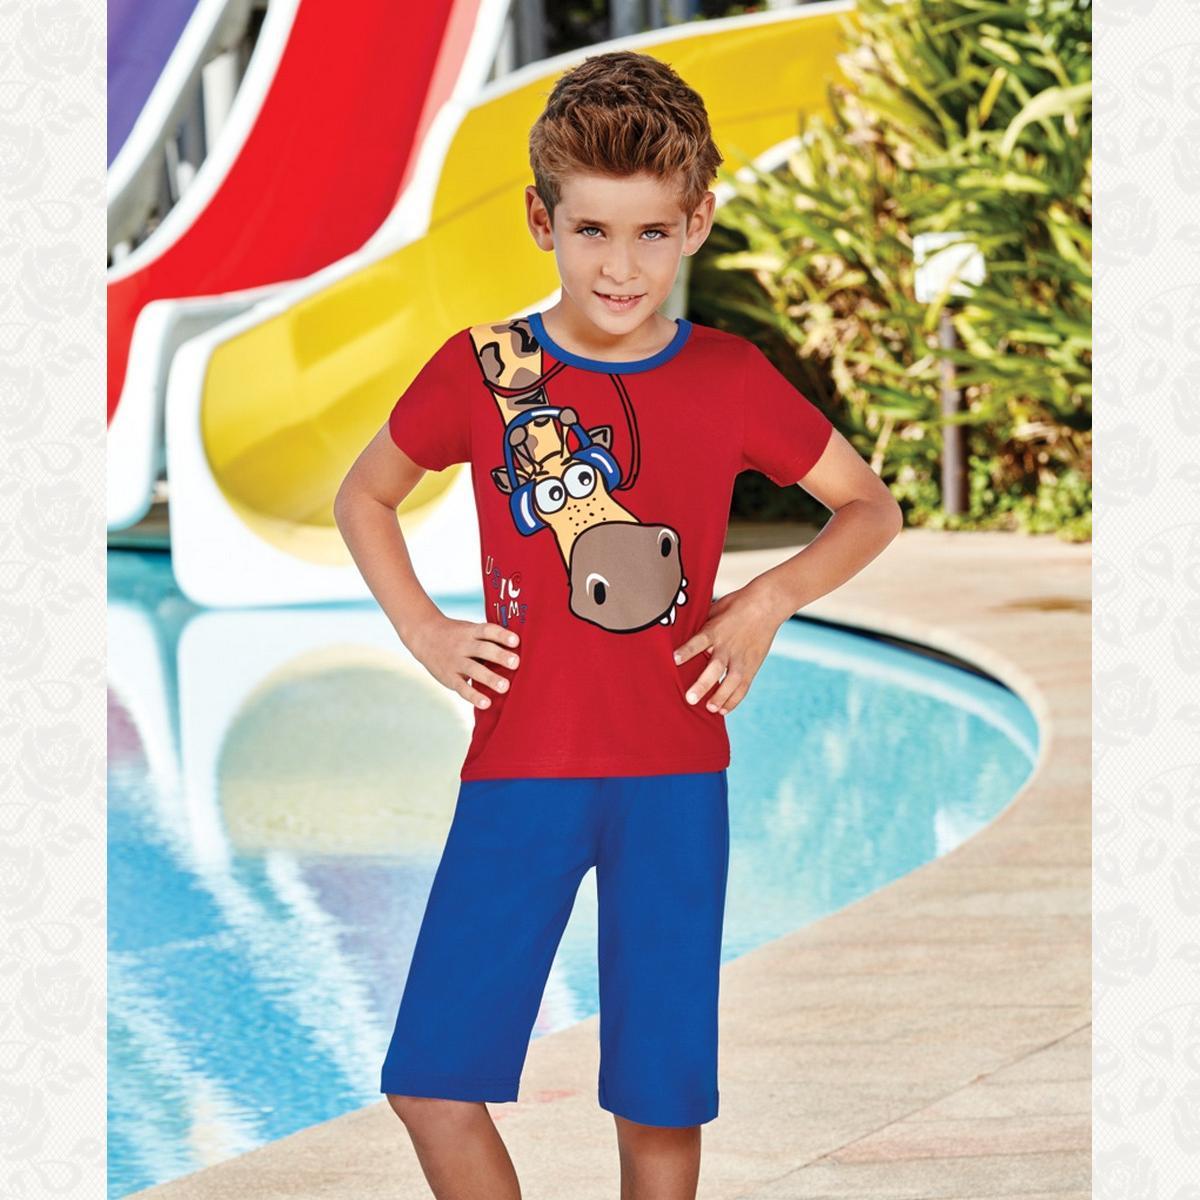 Пижама для мальчикаю,модель крупномерит, цвет красный